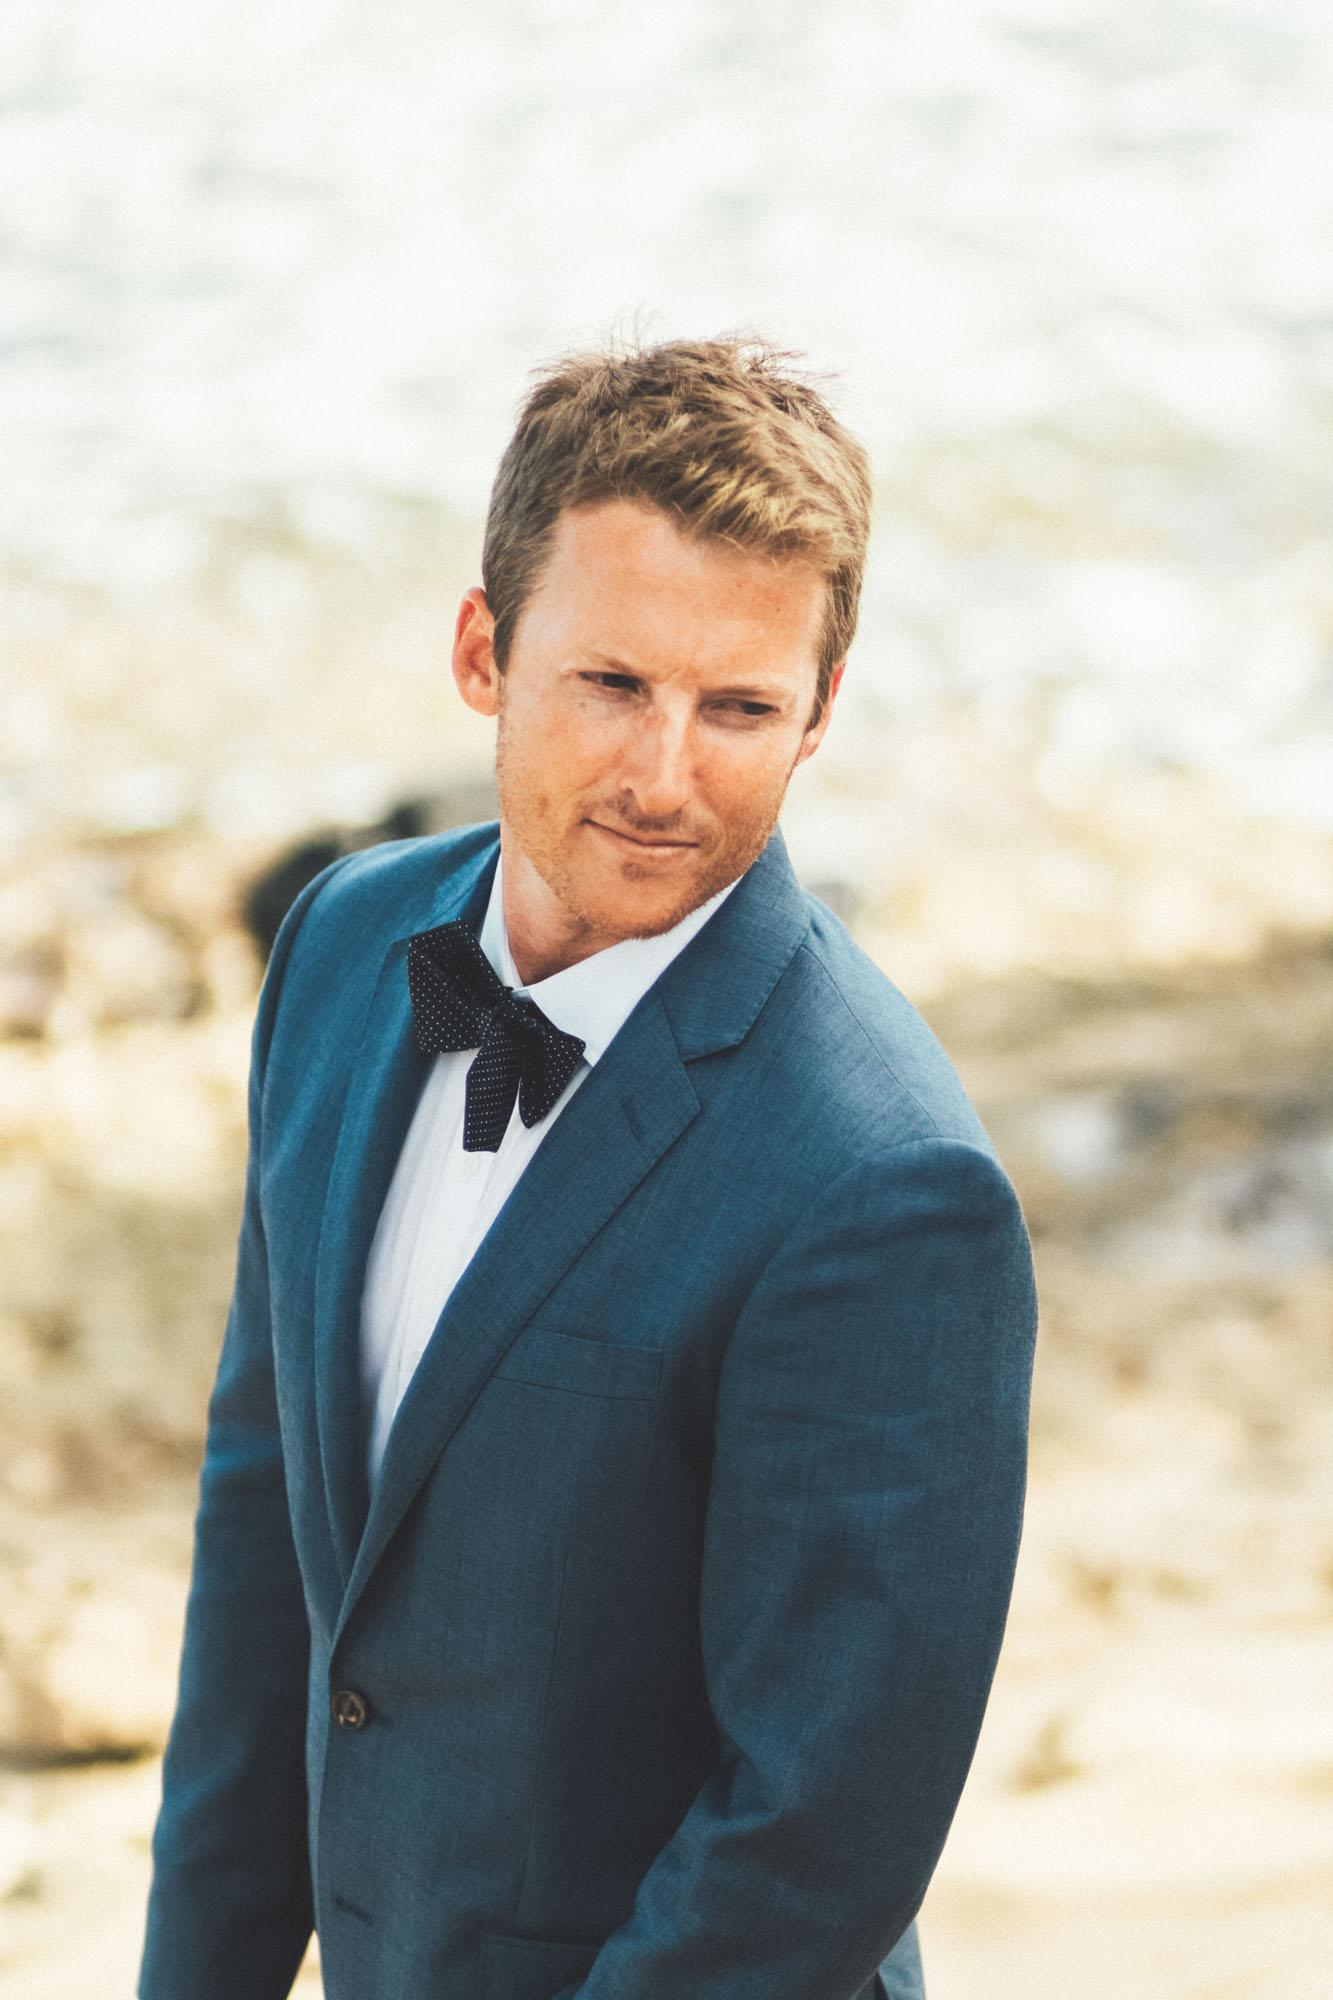 Kauai wedding groom with blue tux.jpg